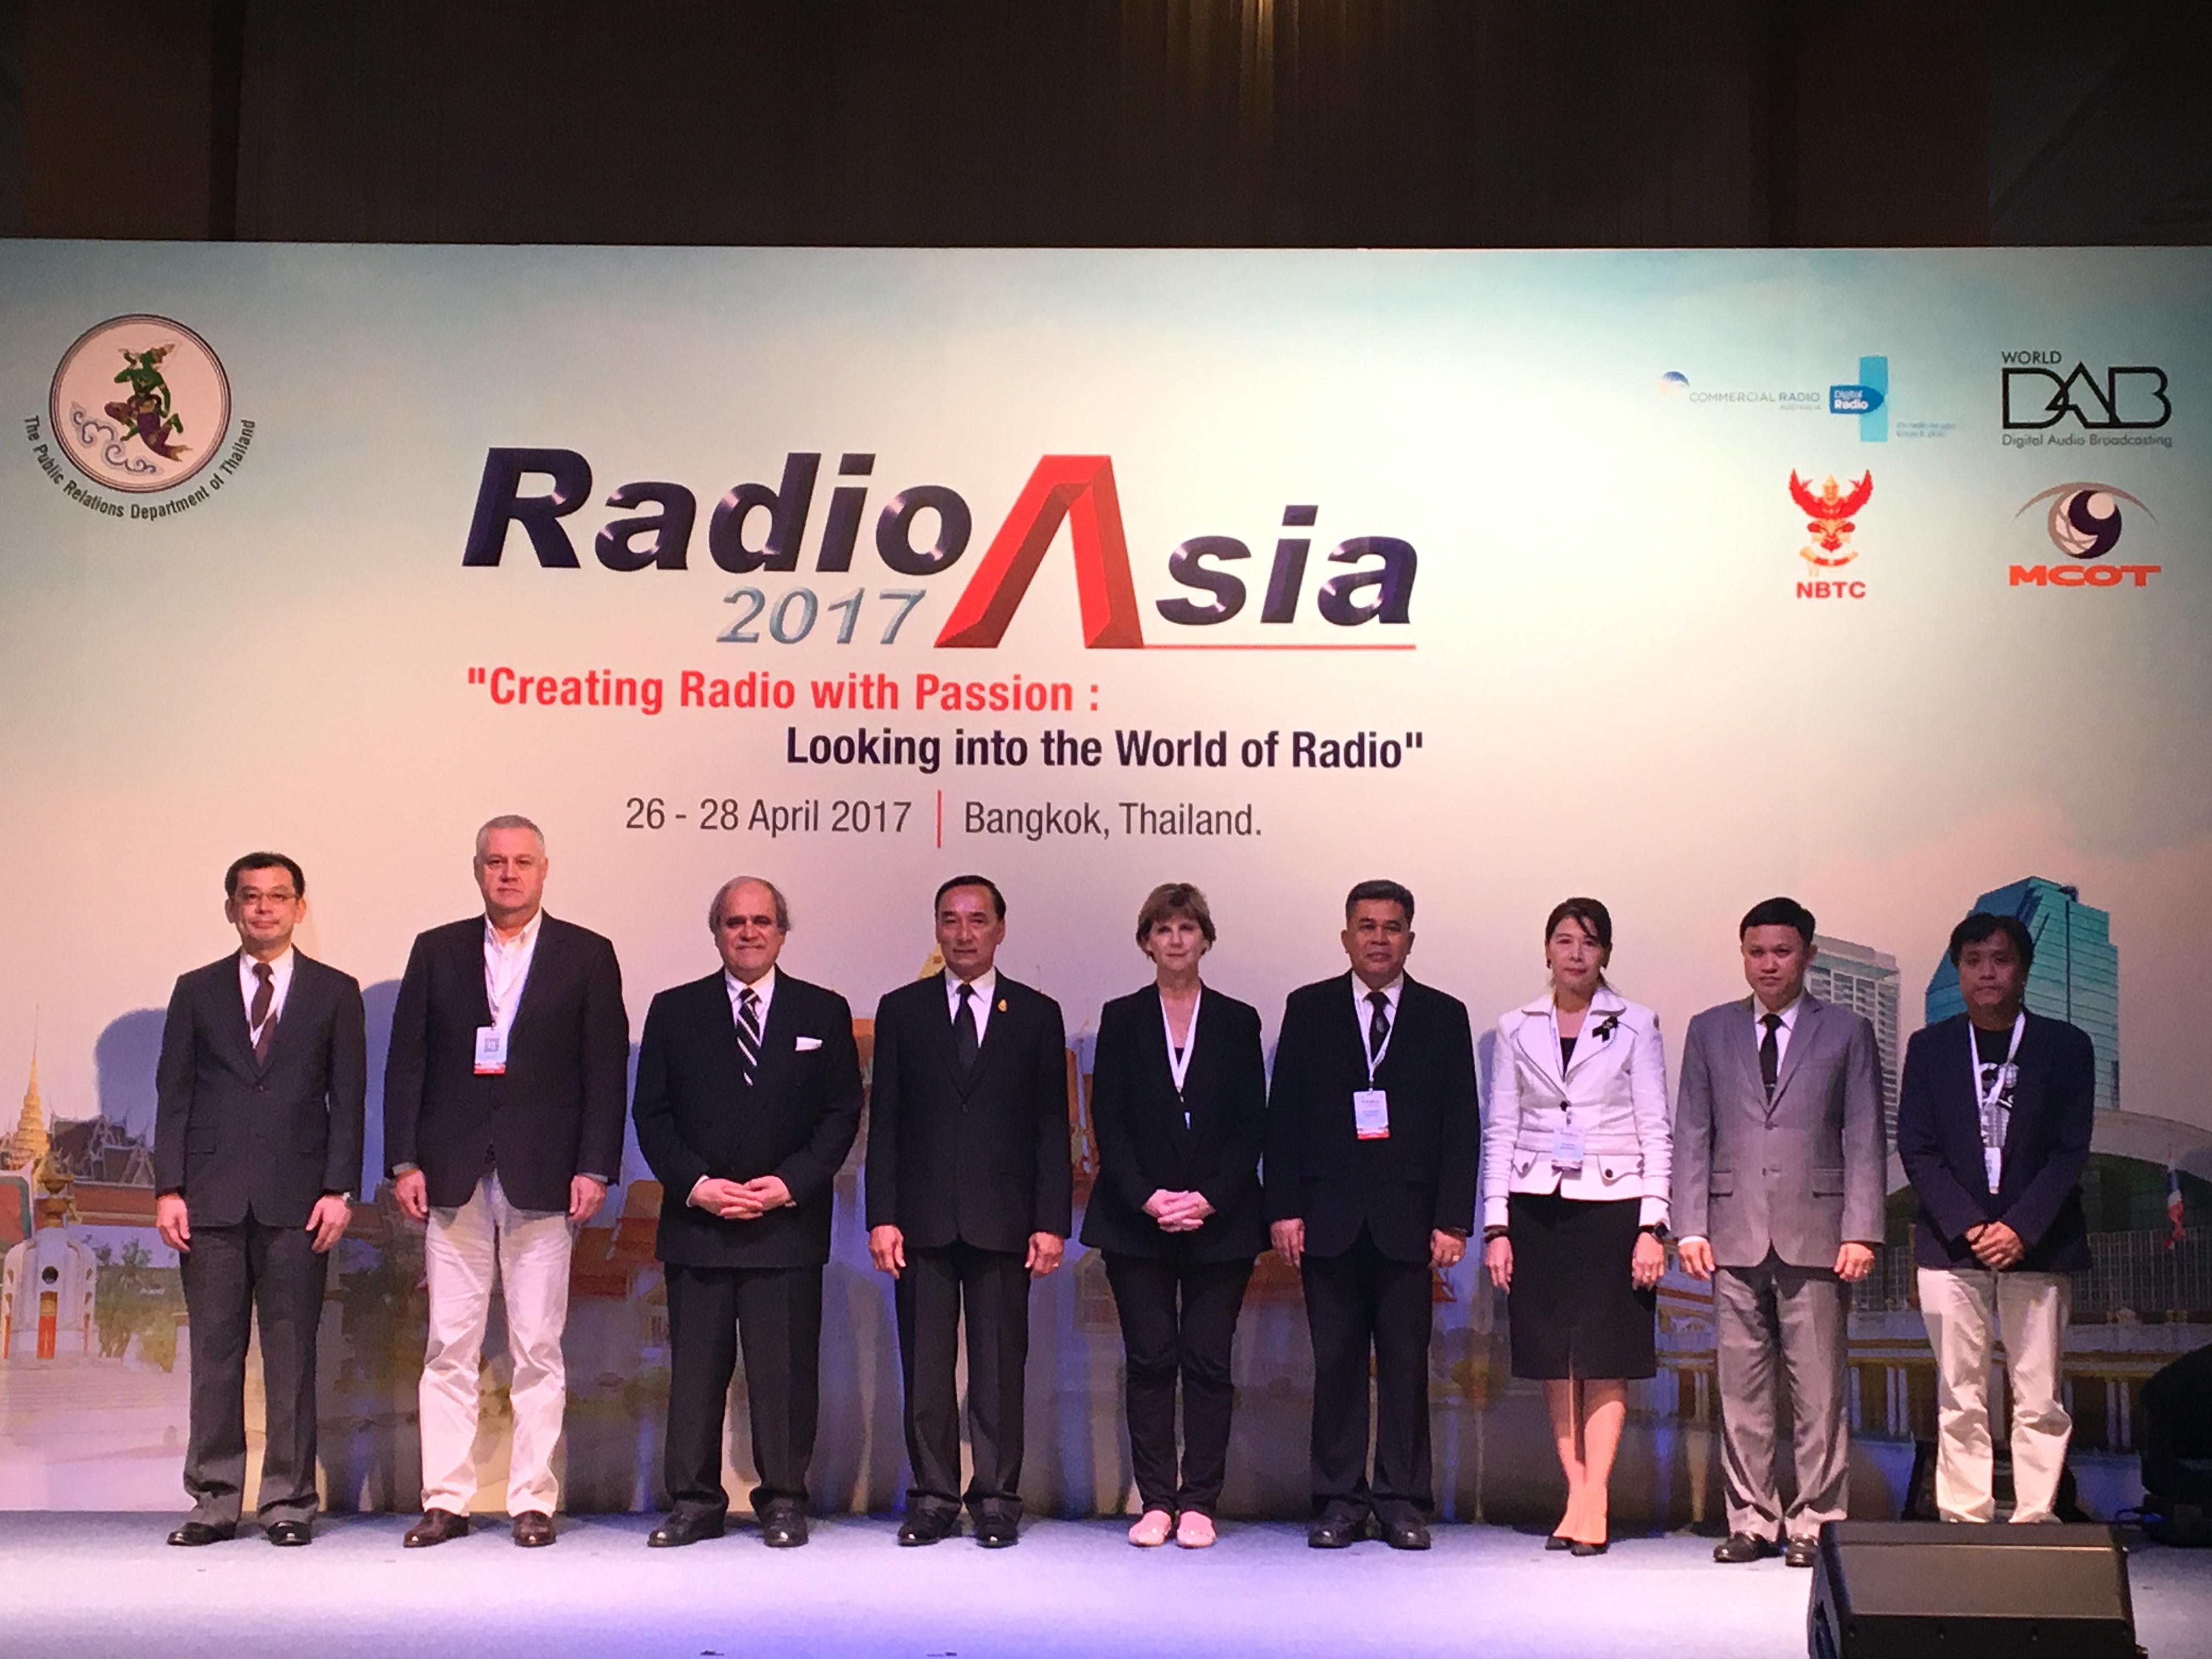 เปิดการประชุม Radio Asia 2017